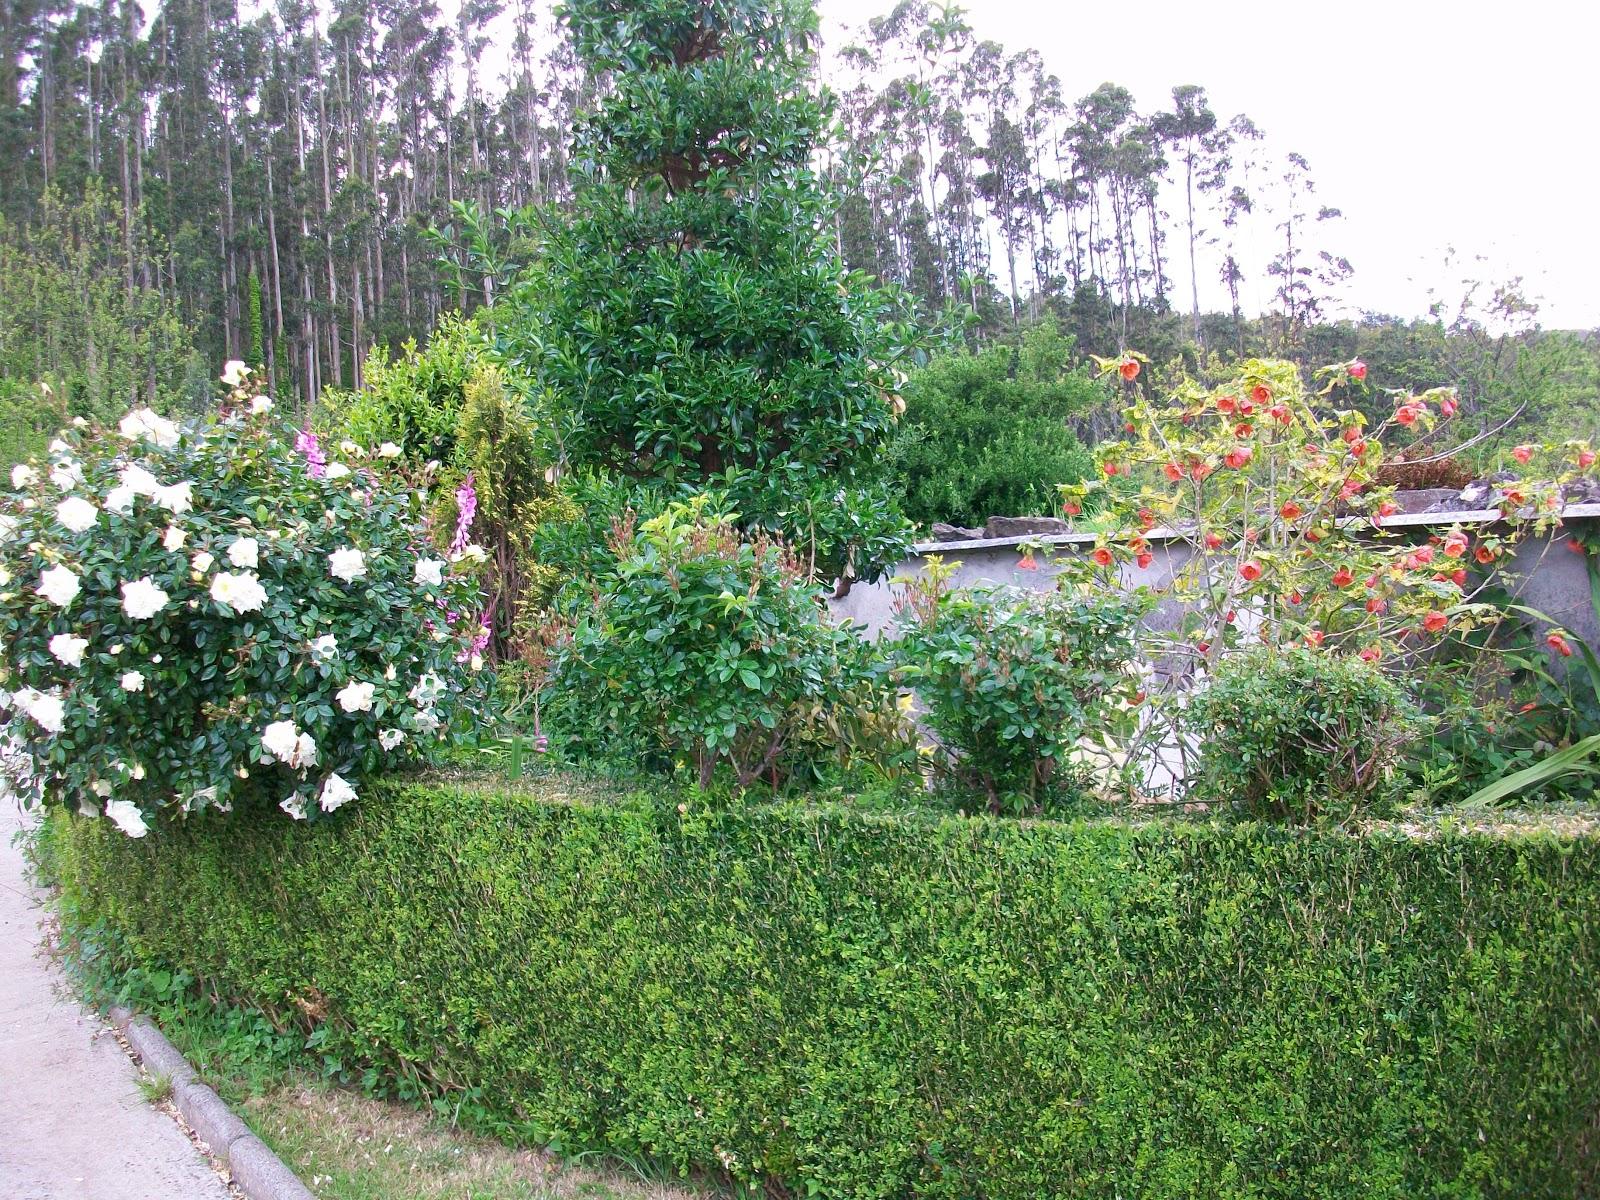 Multiservicios mantenimiento de jardines - Mantenimiento de jardines ...